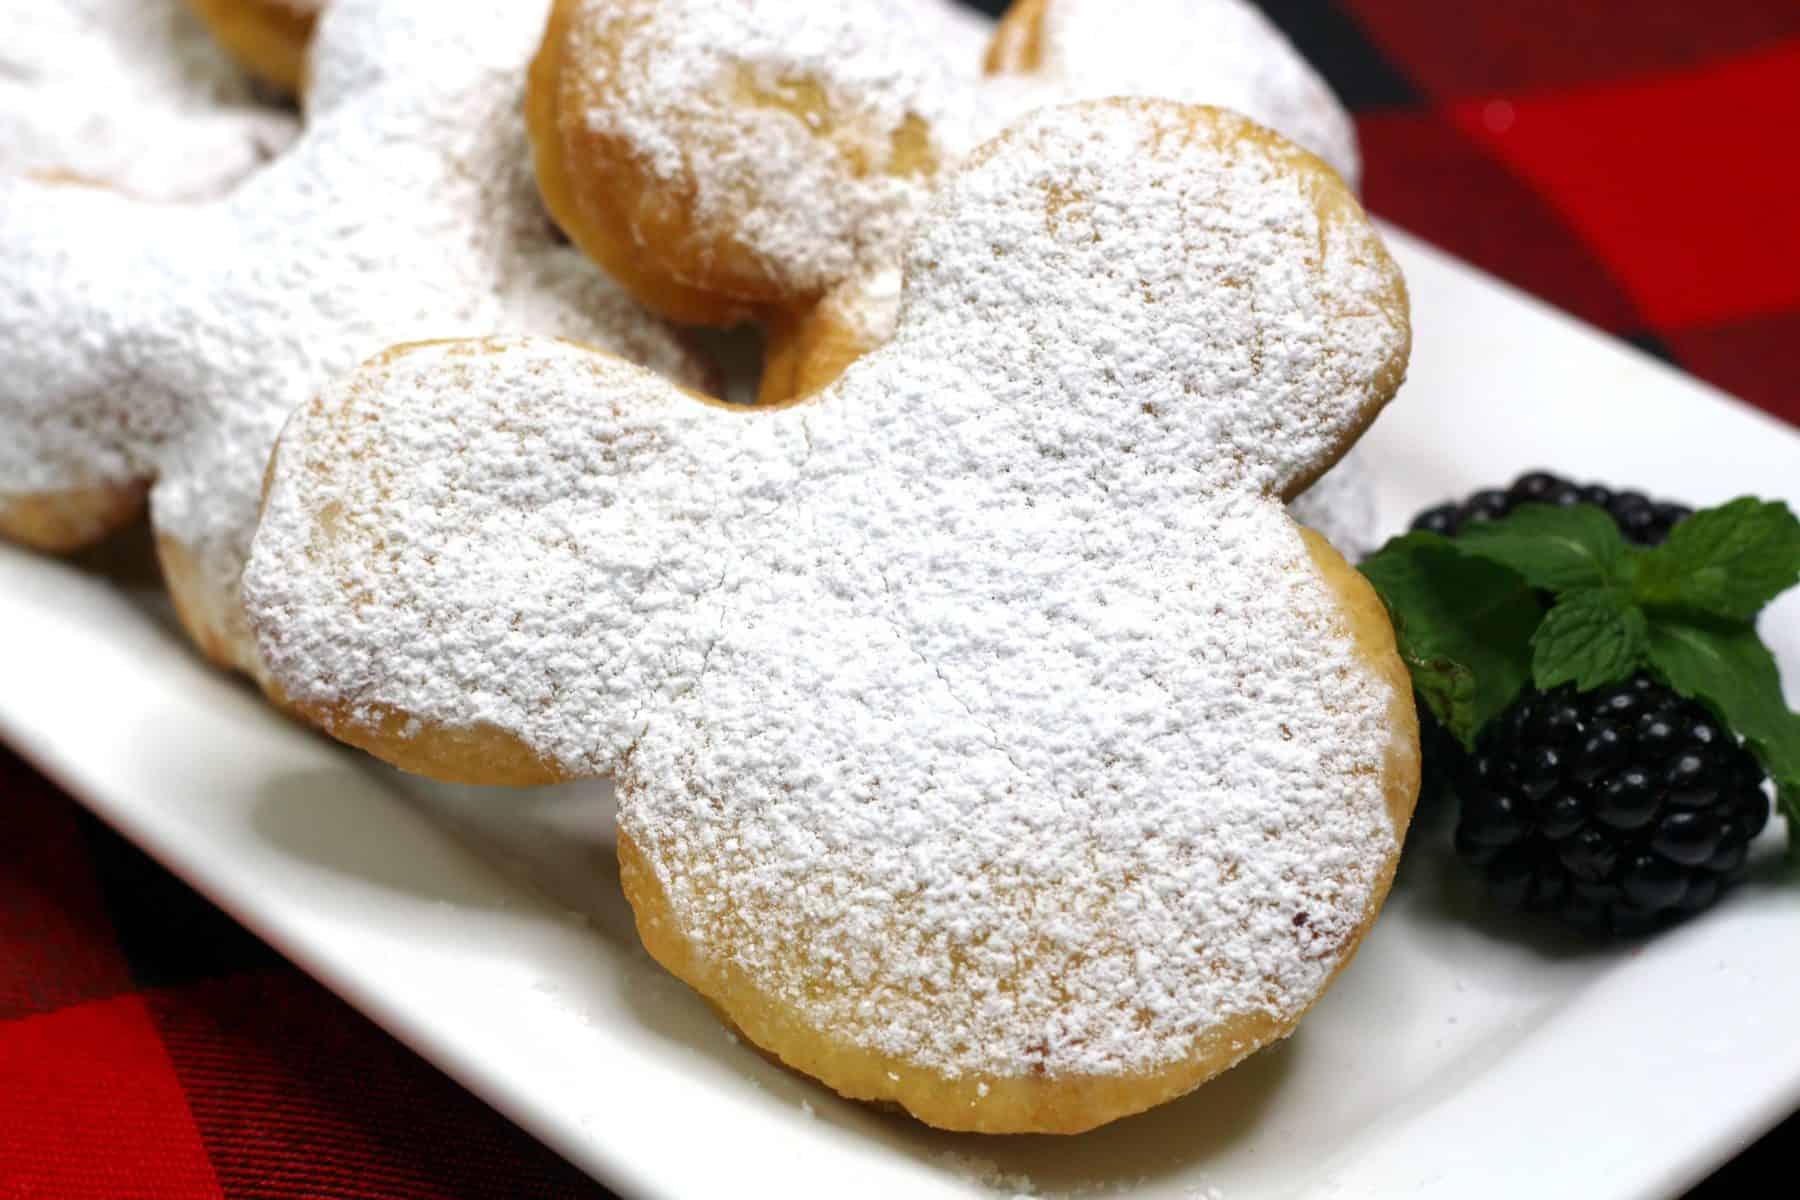 homemade beignets, fried beignets